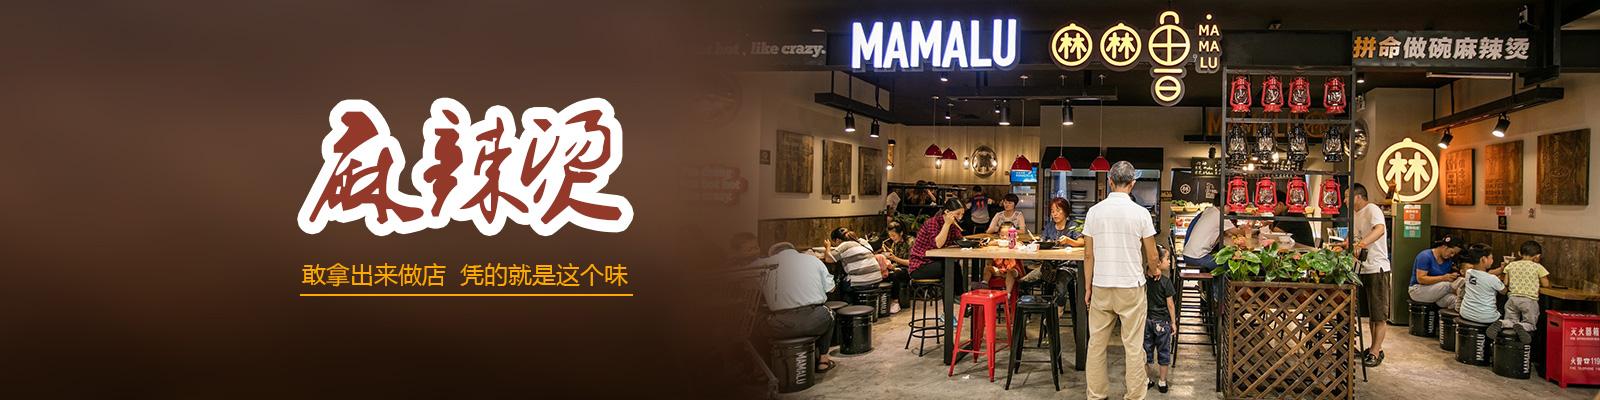 上海123棋牌管理有限公司